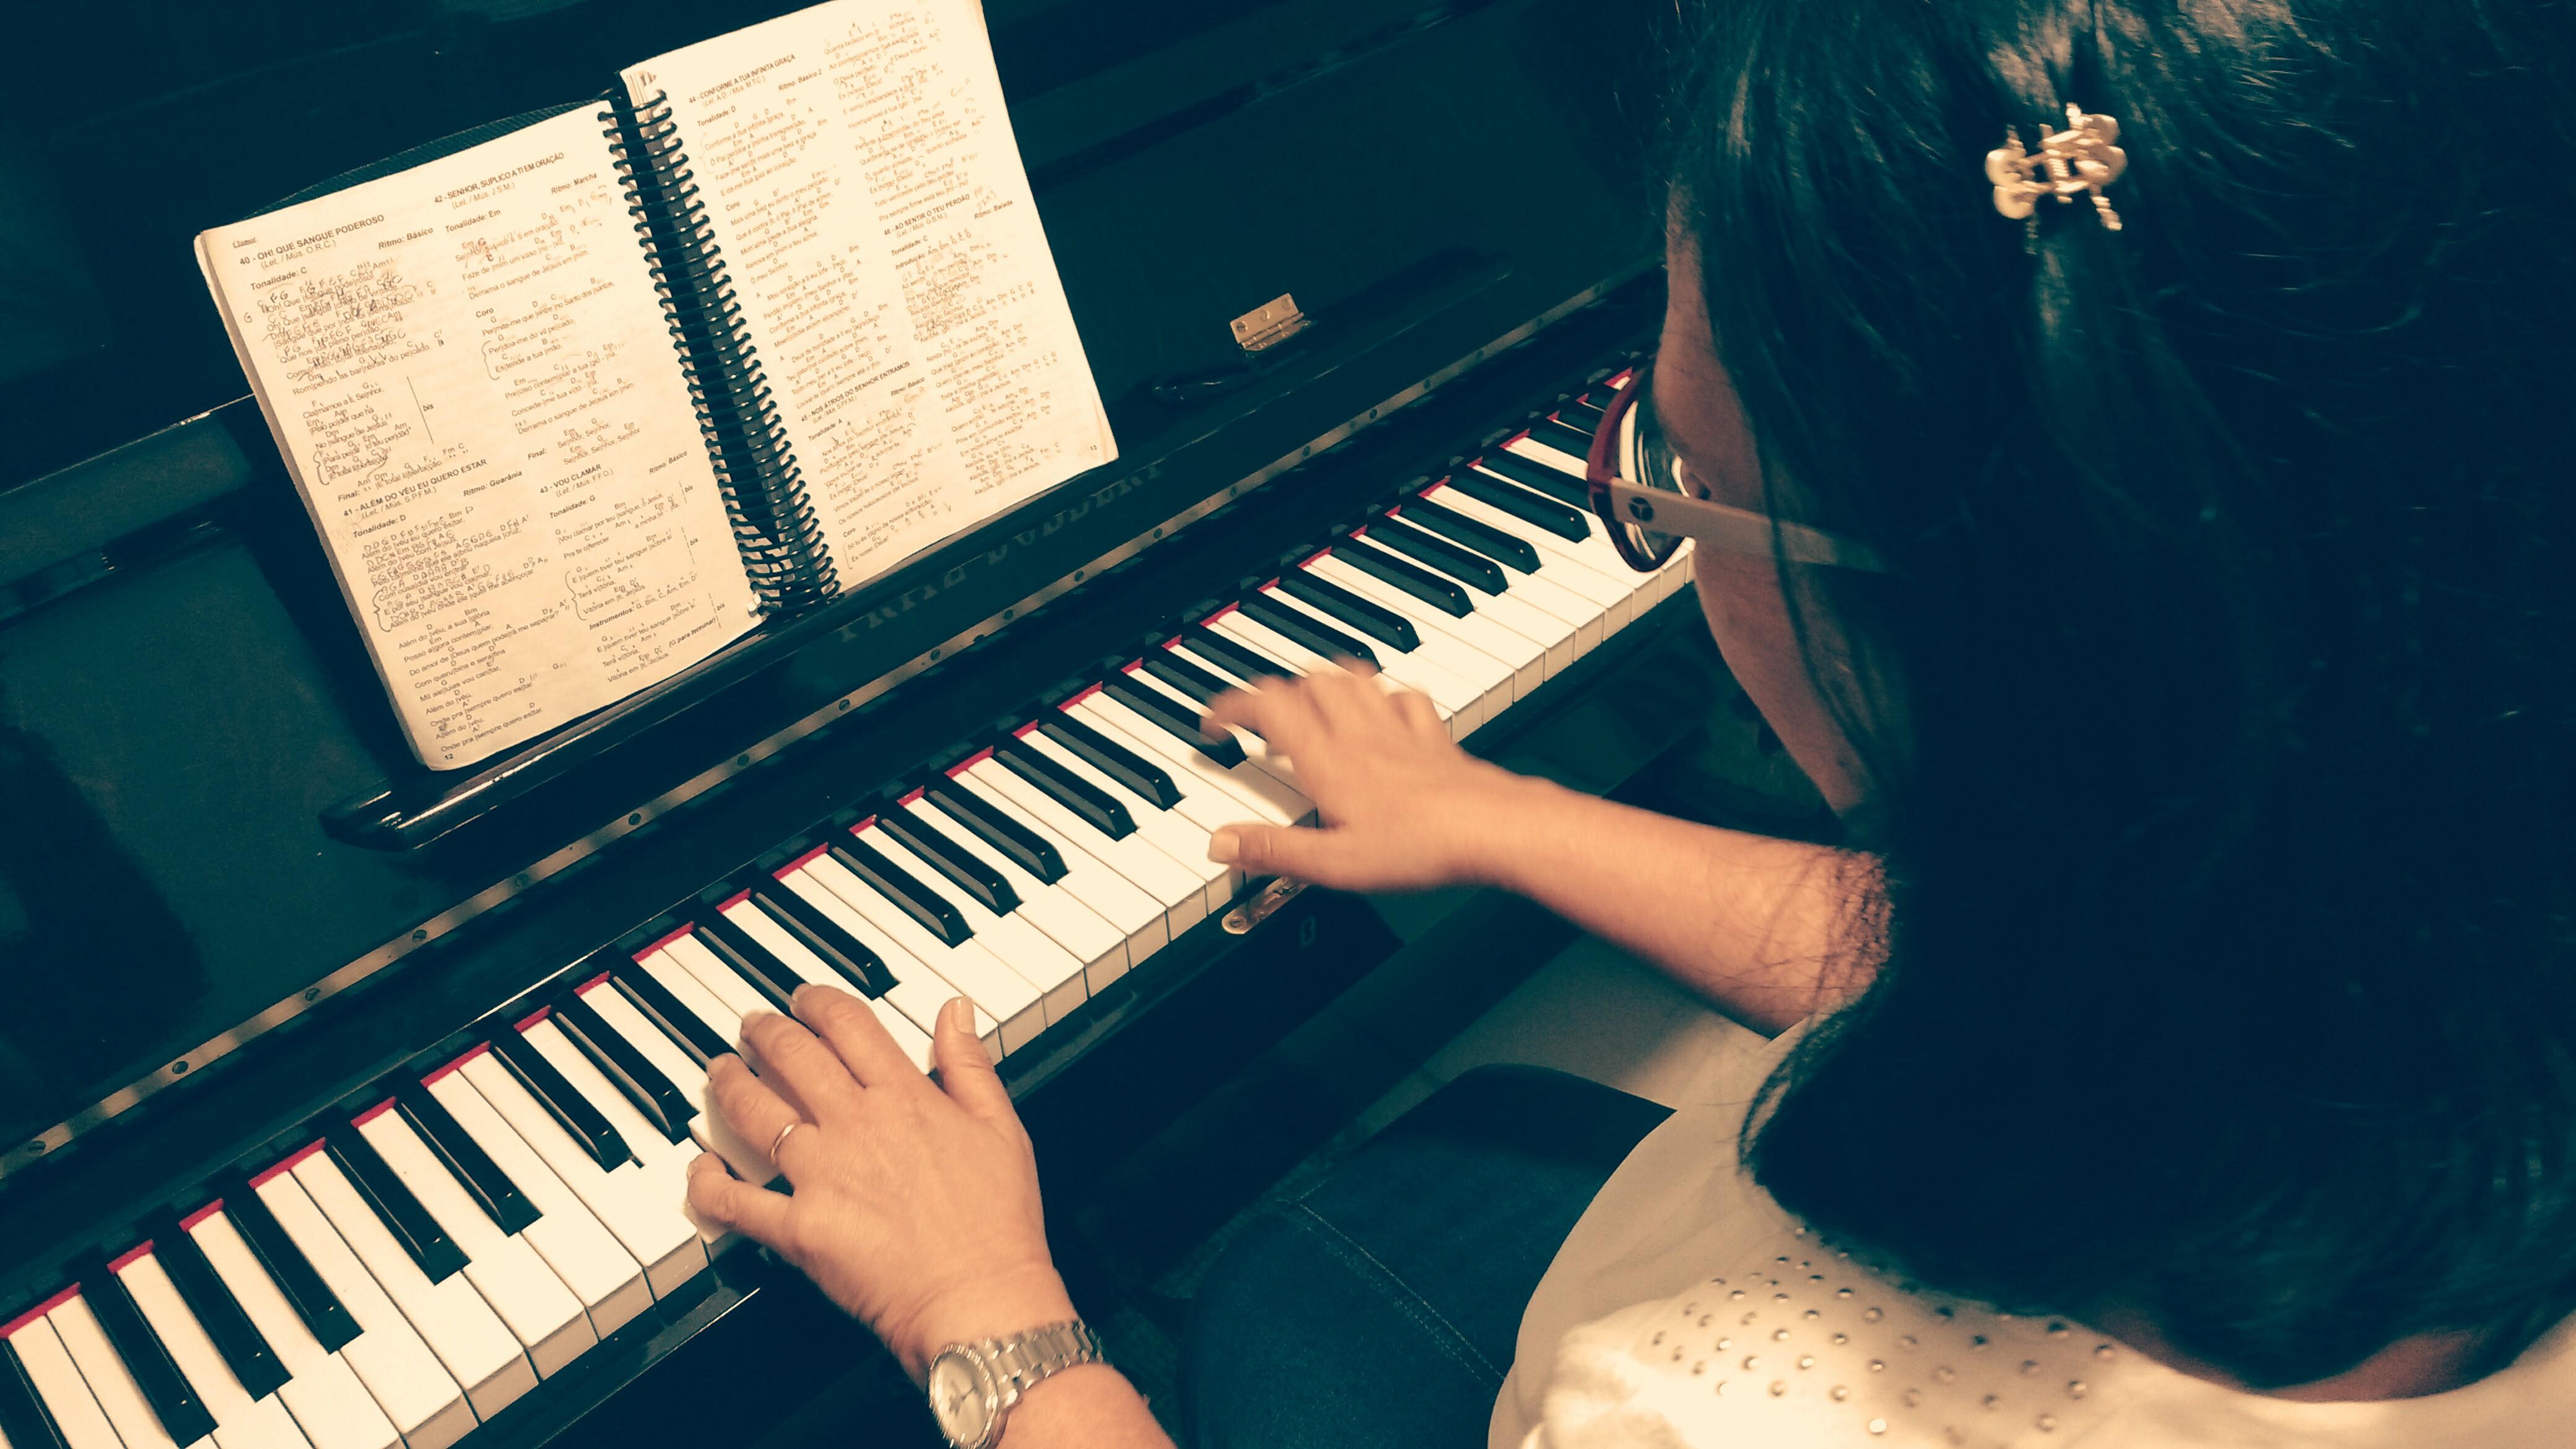 aula de teclado em juiz de fora, aula de musica em juiz de fora, aprender teclado, aprender piano, piano professor em jf, aprender a tocar piano, aprender a tocar teclado, @lucianetecladista,  professora de teclado, professora de piano, professor de musica em juiz de fora, professora de musica em juiz de fora, @lucianetecladista, @lojamineiradomusico,